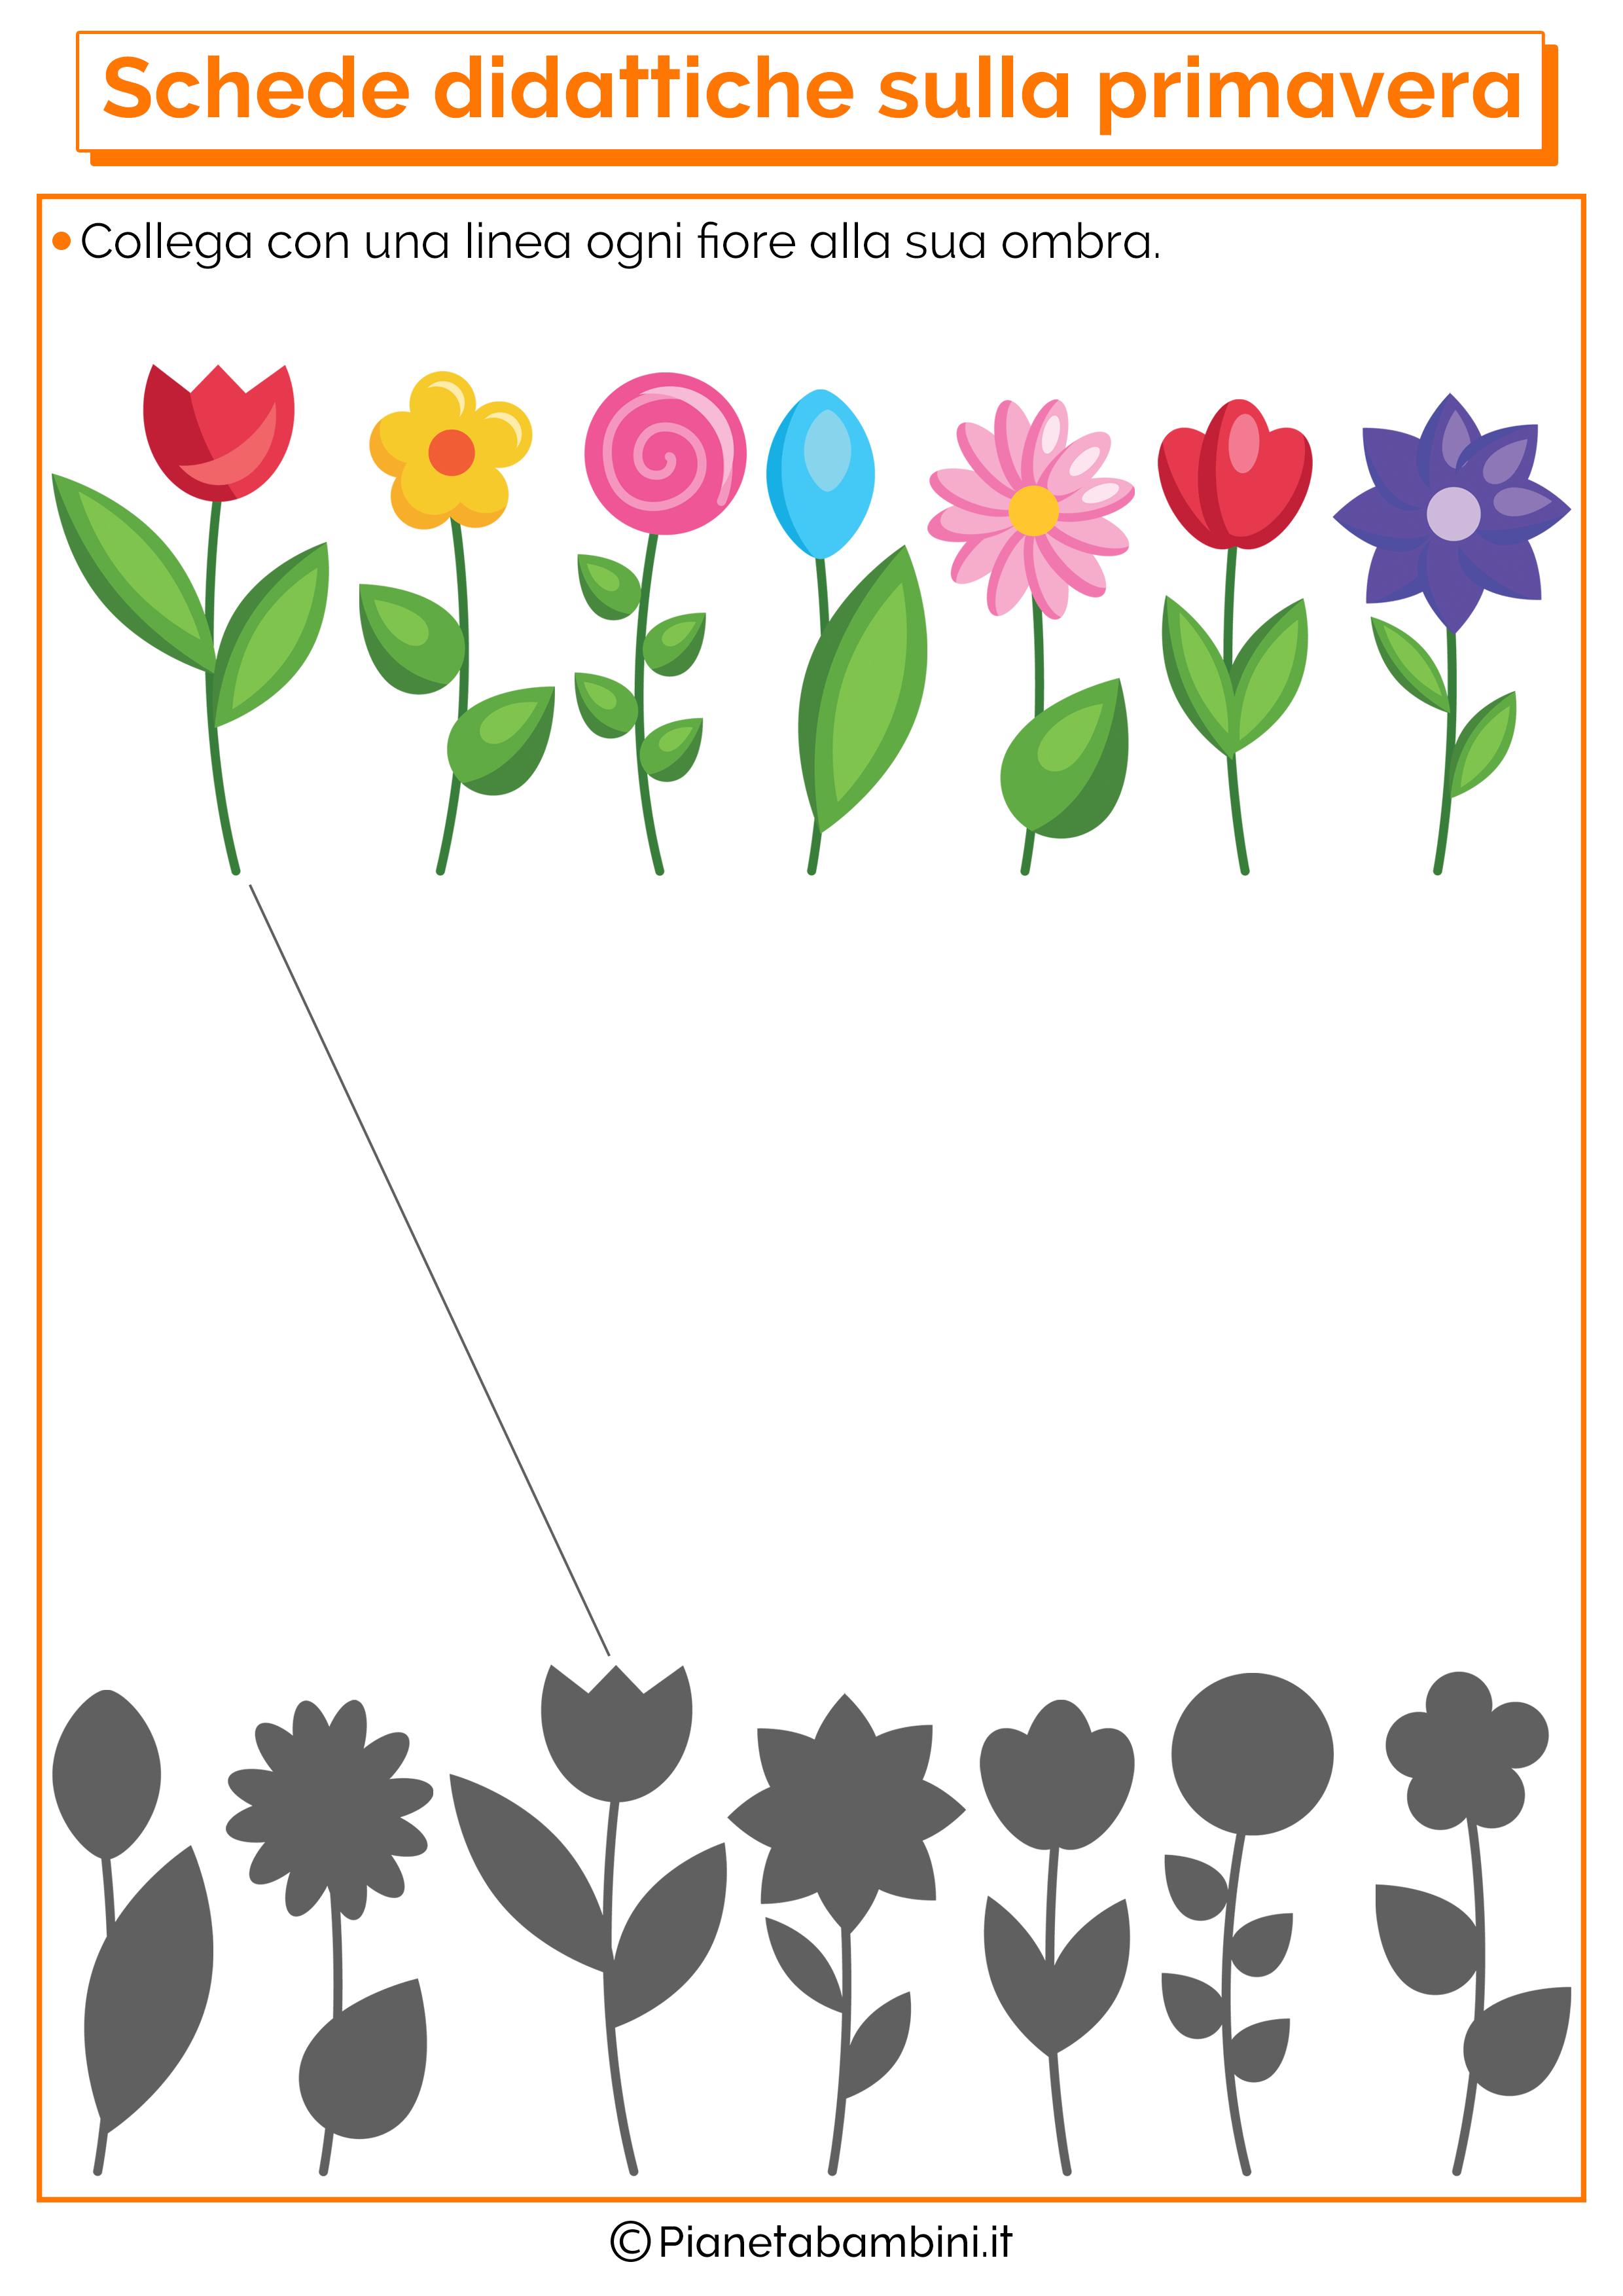 Scheda didattica sulla primavera per la scuola dell'infanzia numero 8